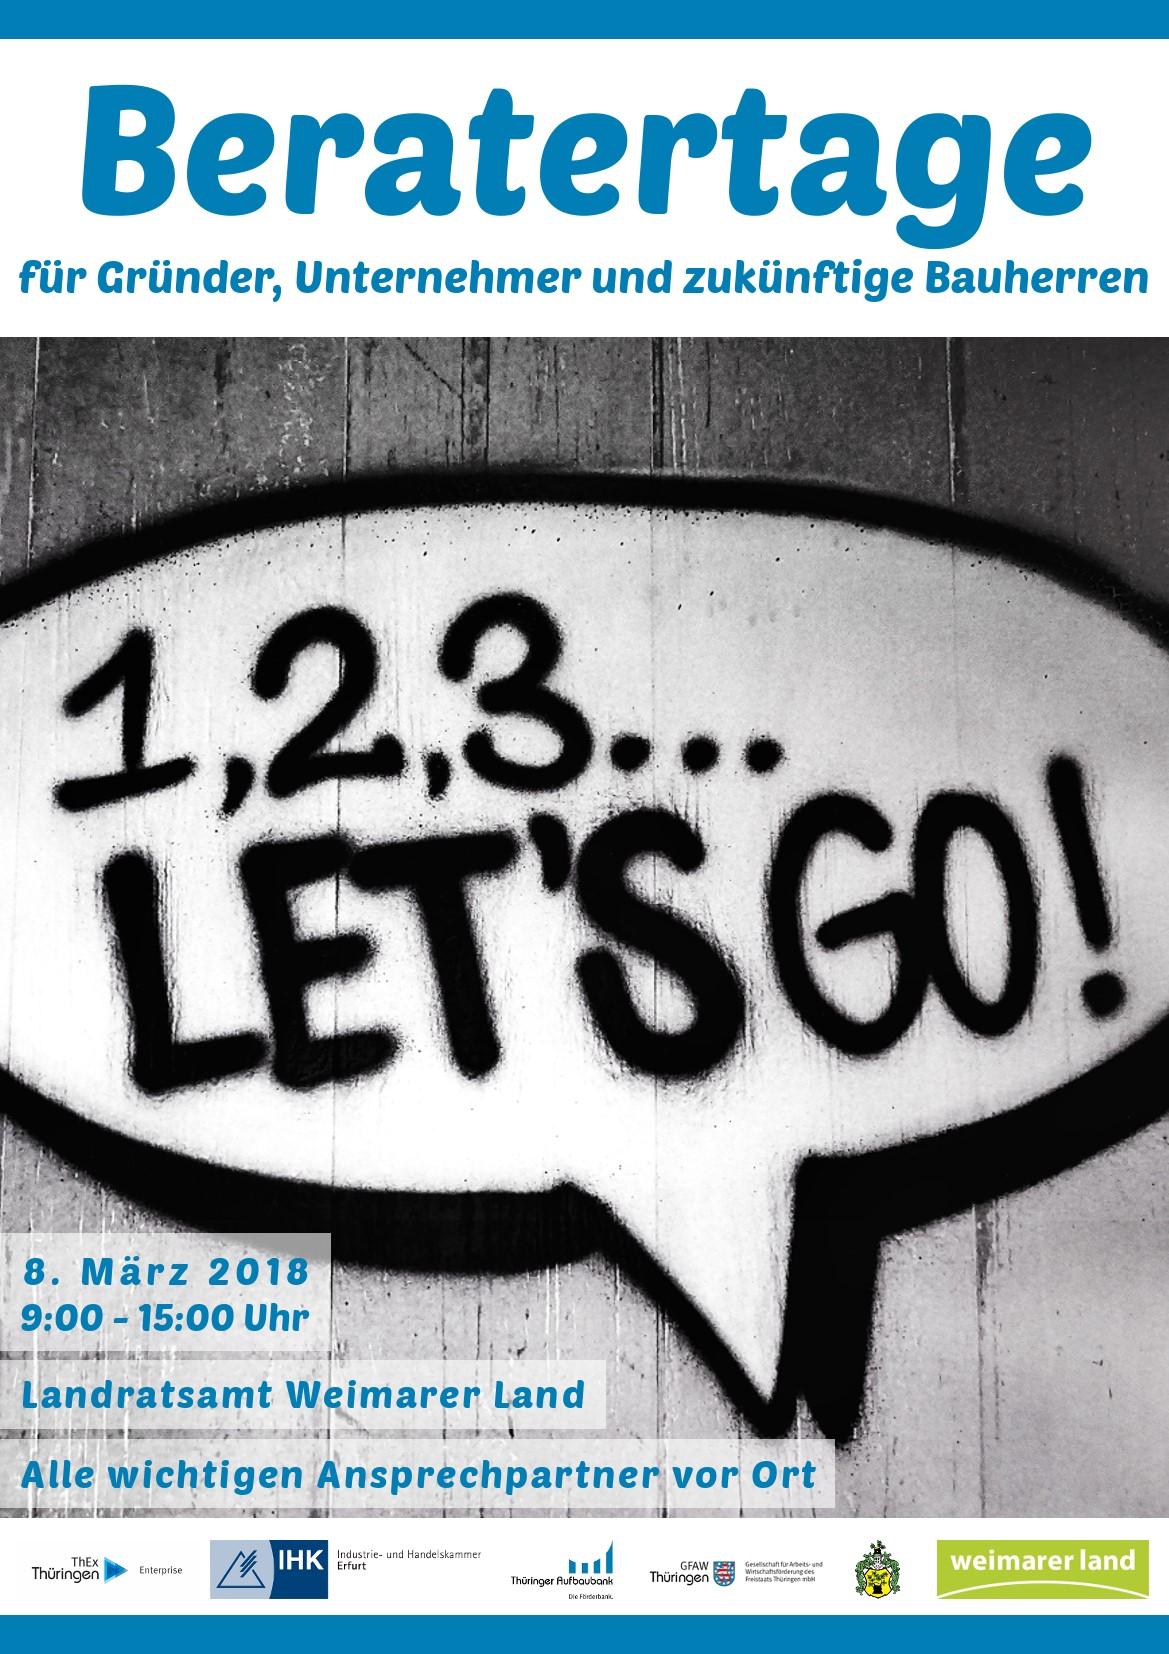 Beratungstag für Gründer, Unternehmer und zukünftige Bauherren im Landratsamt Weimarer Land